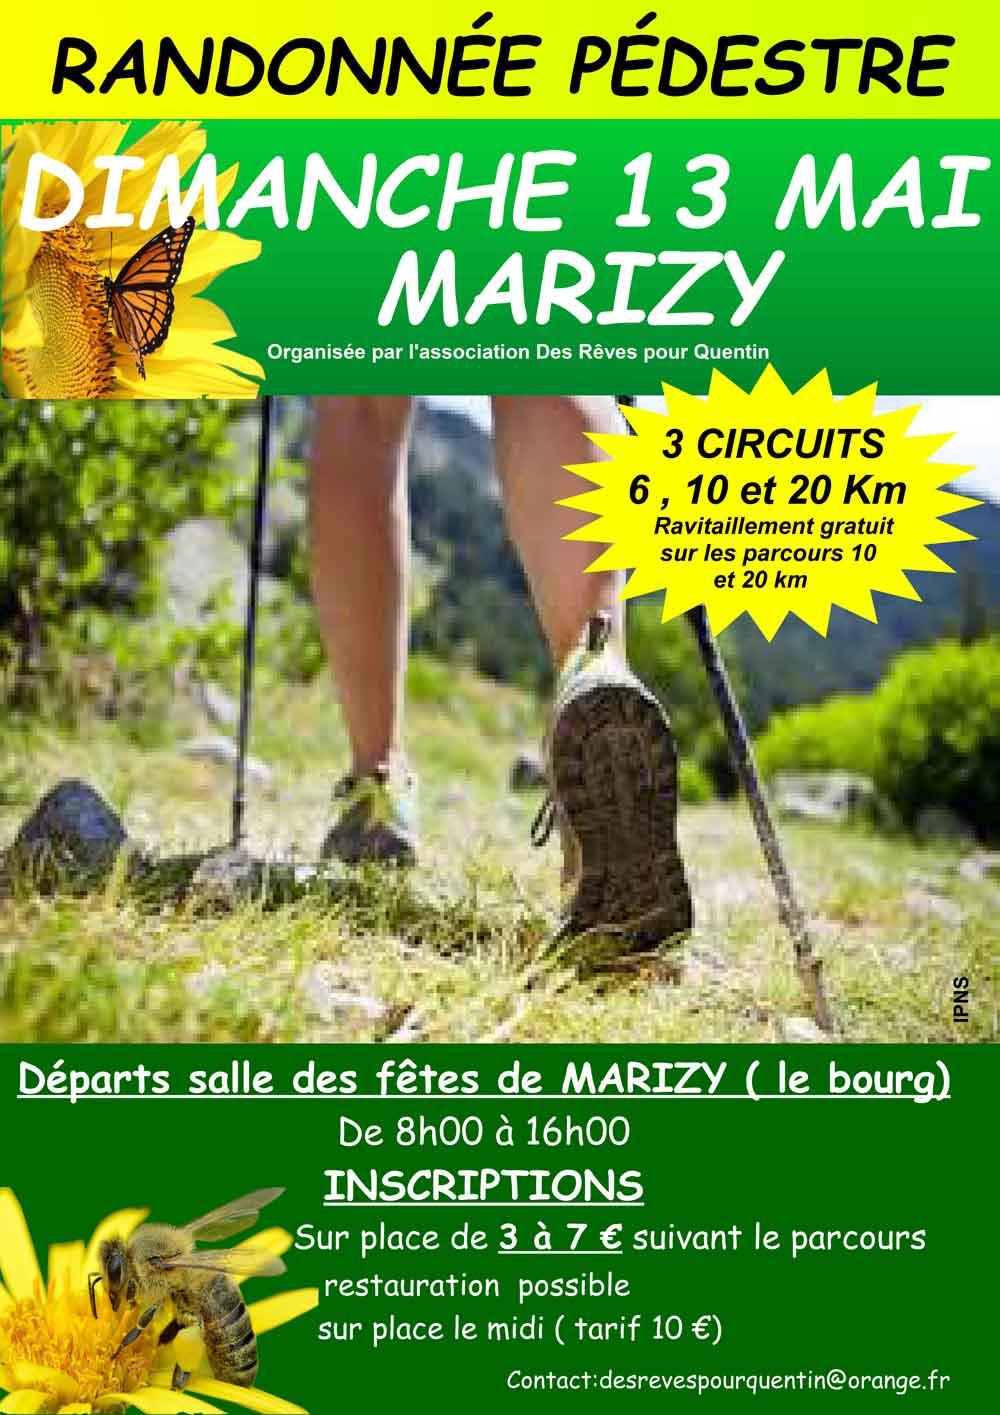 Affiche randonnée pédestre du 13 mai 2018 à Le Rousset-Marizy